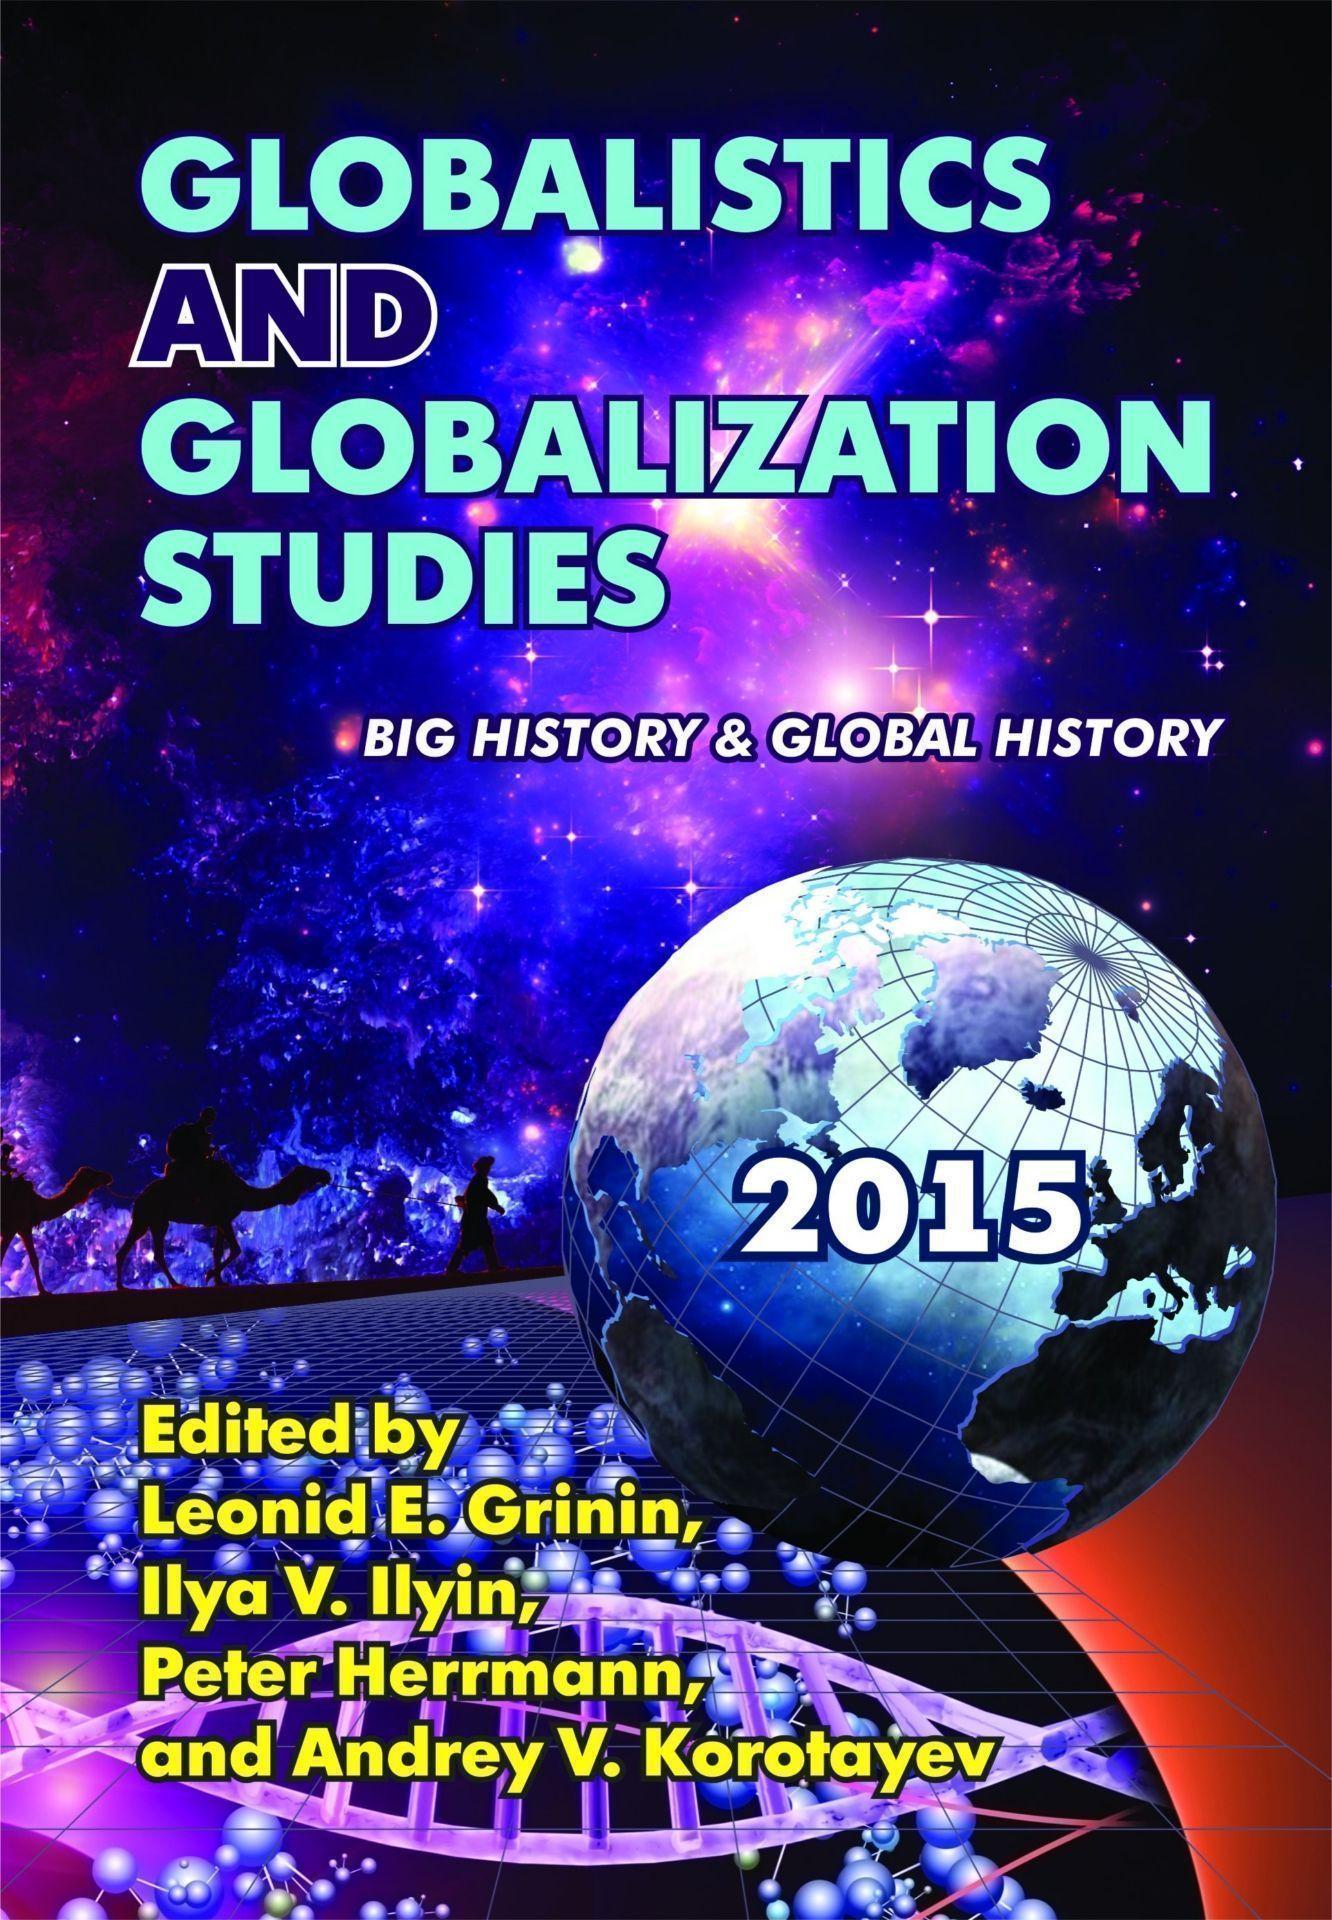 Globalistics and Globalization Studies: Big History &amp; Global HistoryВУЗ<br>Настощий выпуск влетс четвертым в серии ежегодников под общим названием Глобалистика и глобализационные исследовани. Подзаголовок данного тома - Глобальна истори и Больша истори. Проблема в том, что сегодн наш глобальный мир требует поистине...<br><br>Авторы: Гринин Л. Е., Ильин И.В., Коротаев А. В.<br>Год: 2015<br>Сери: Дл студентов и преподавателей<br>ISBN: 978-5-7057-4579-1<br>Высота: 235<br>Ширина: 163<br>Толщина: 16<br>Переплёт: мгка, склейка